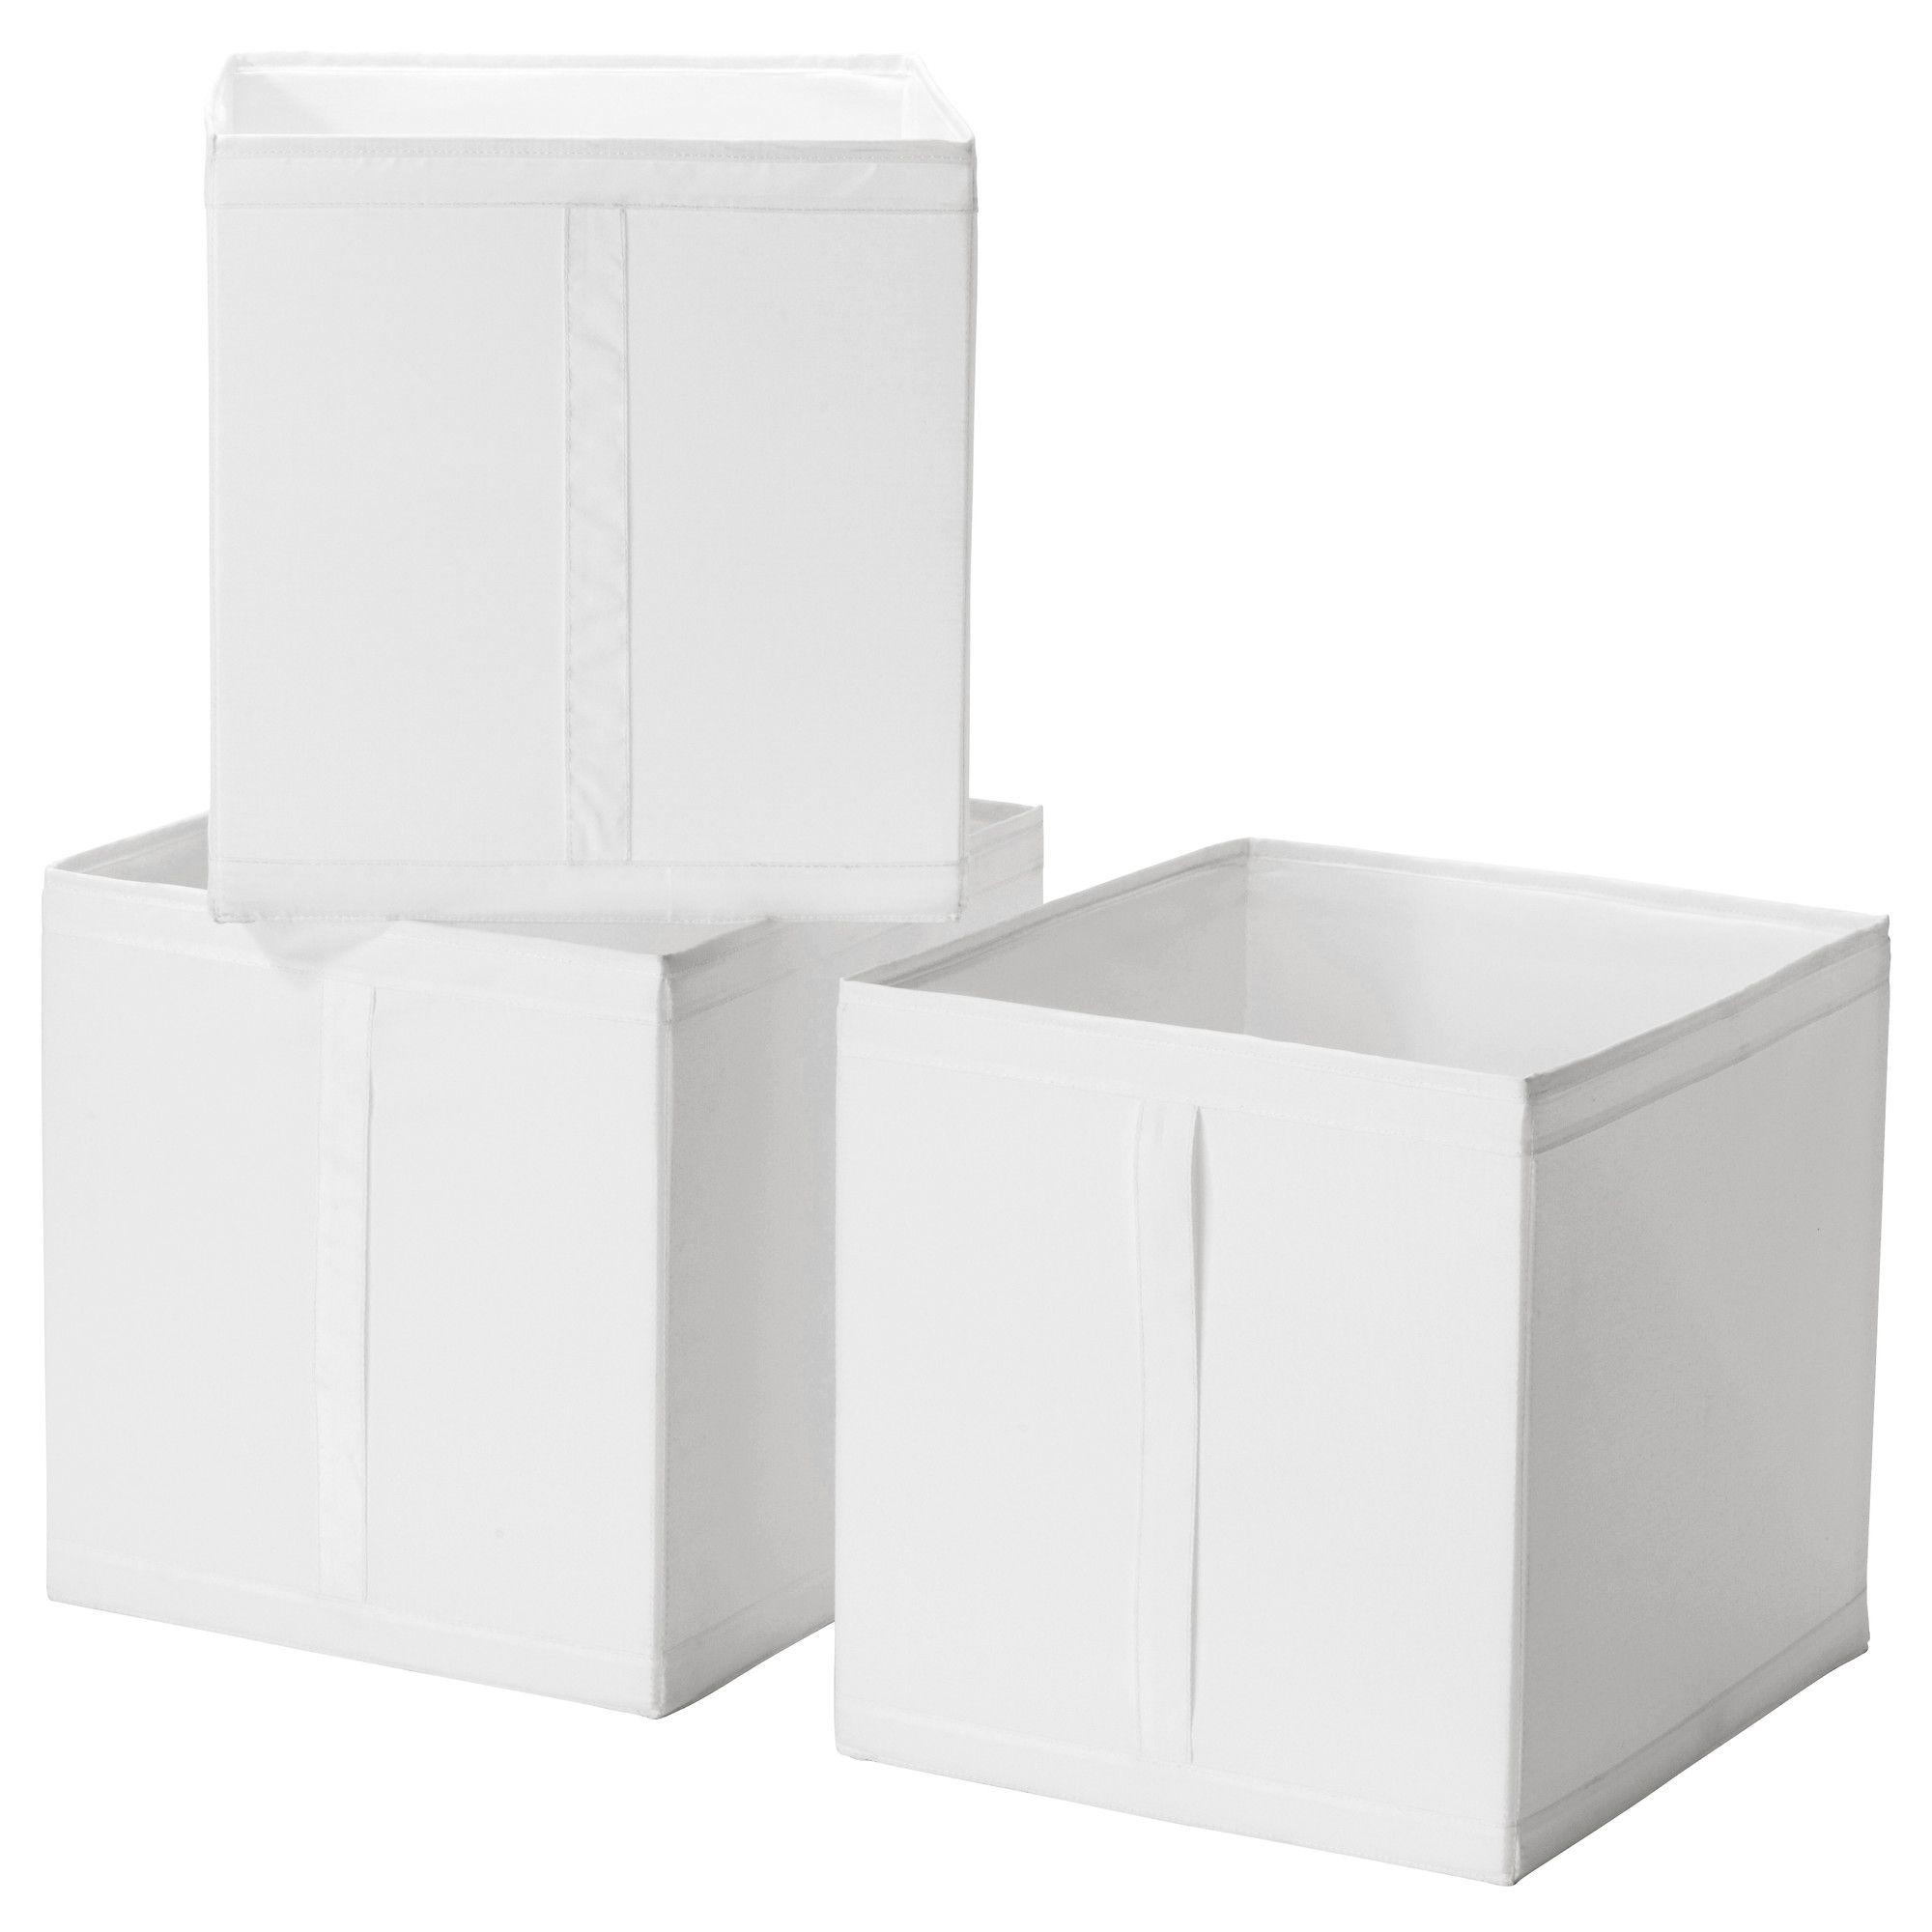 Skubb Rangement Tissu Blanc Rangement Tissu Rangement